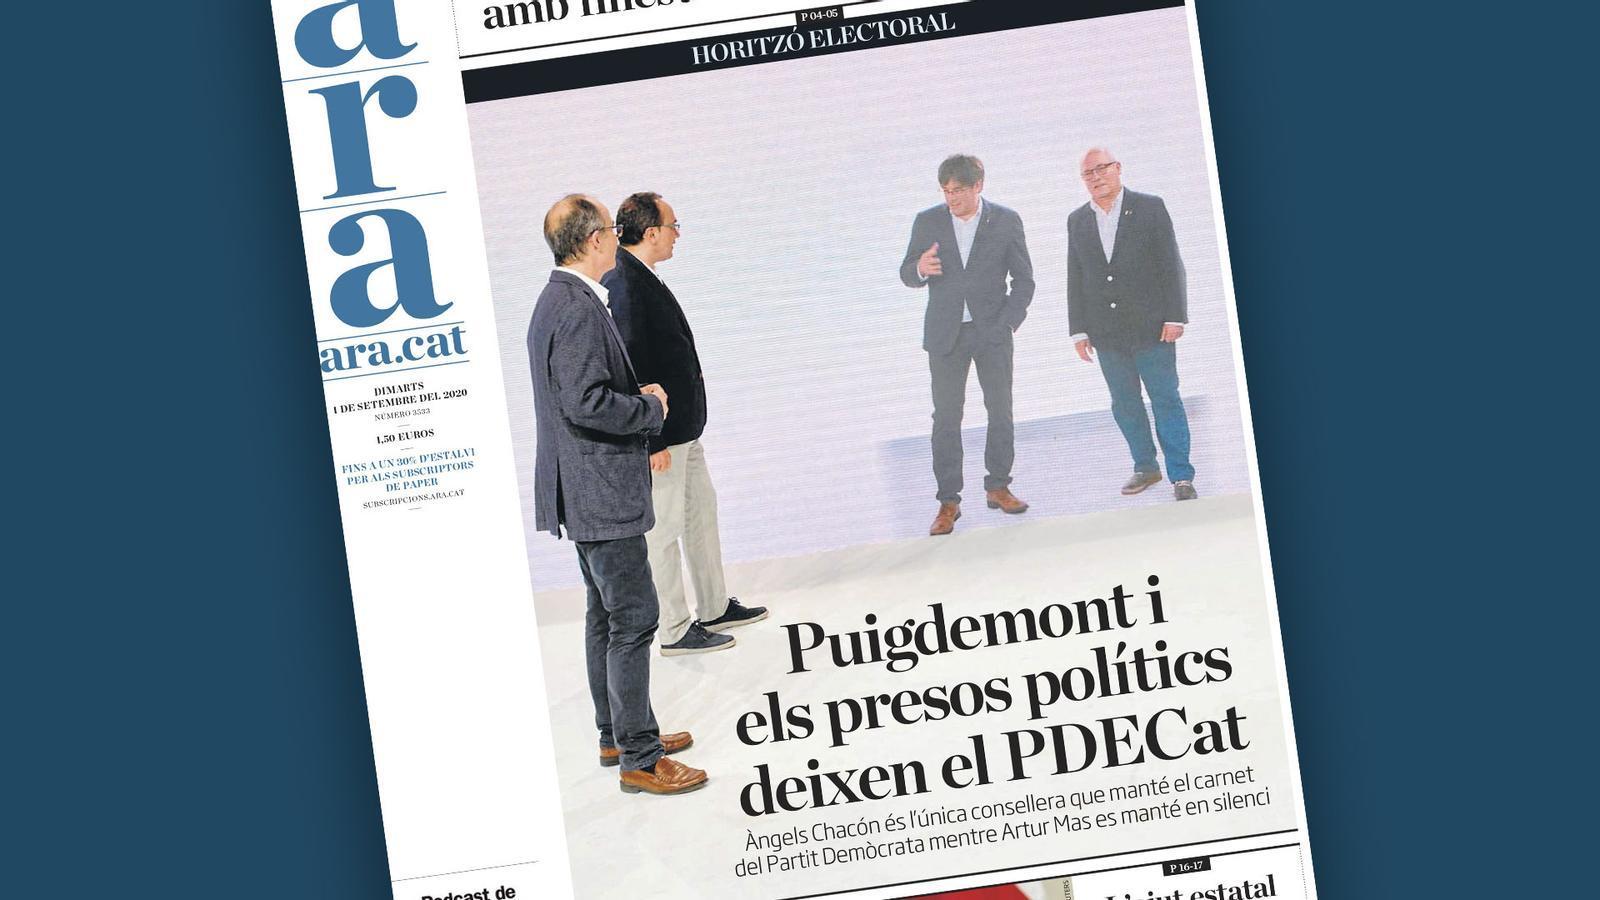 Puigdemont i els presos polítics deixen el PDECat, mascareta obligatòria a les universitats i la desprotecció dels autònoms: les claus del dia, amb Antoni Bassas (01/09/2020)